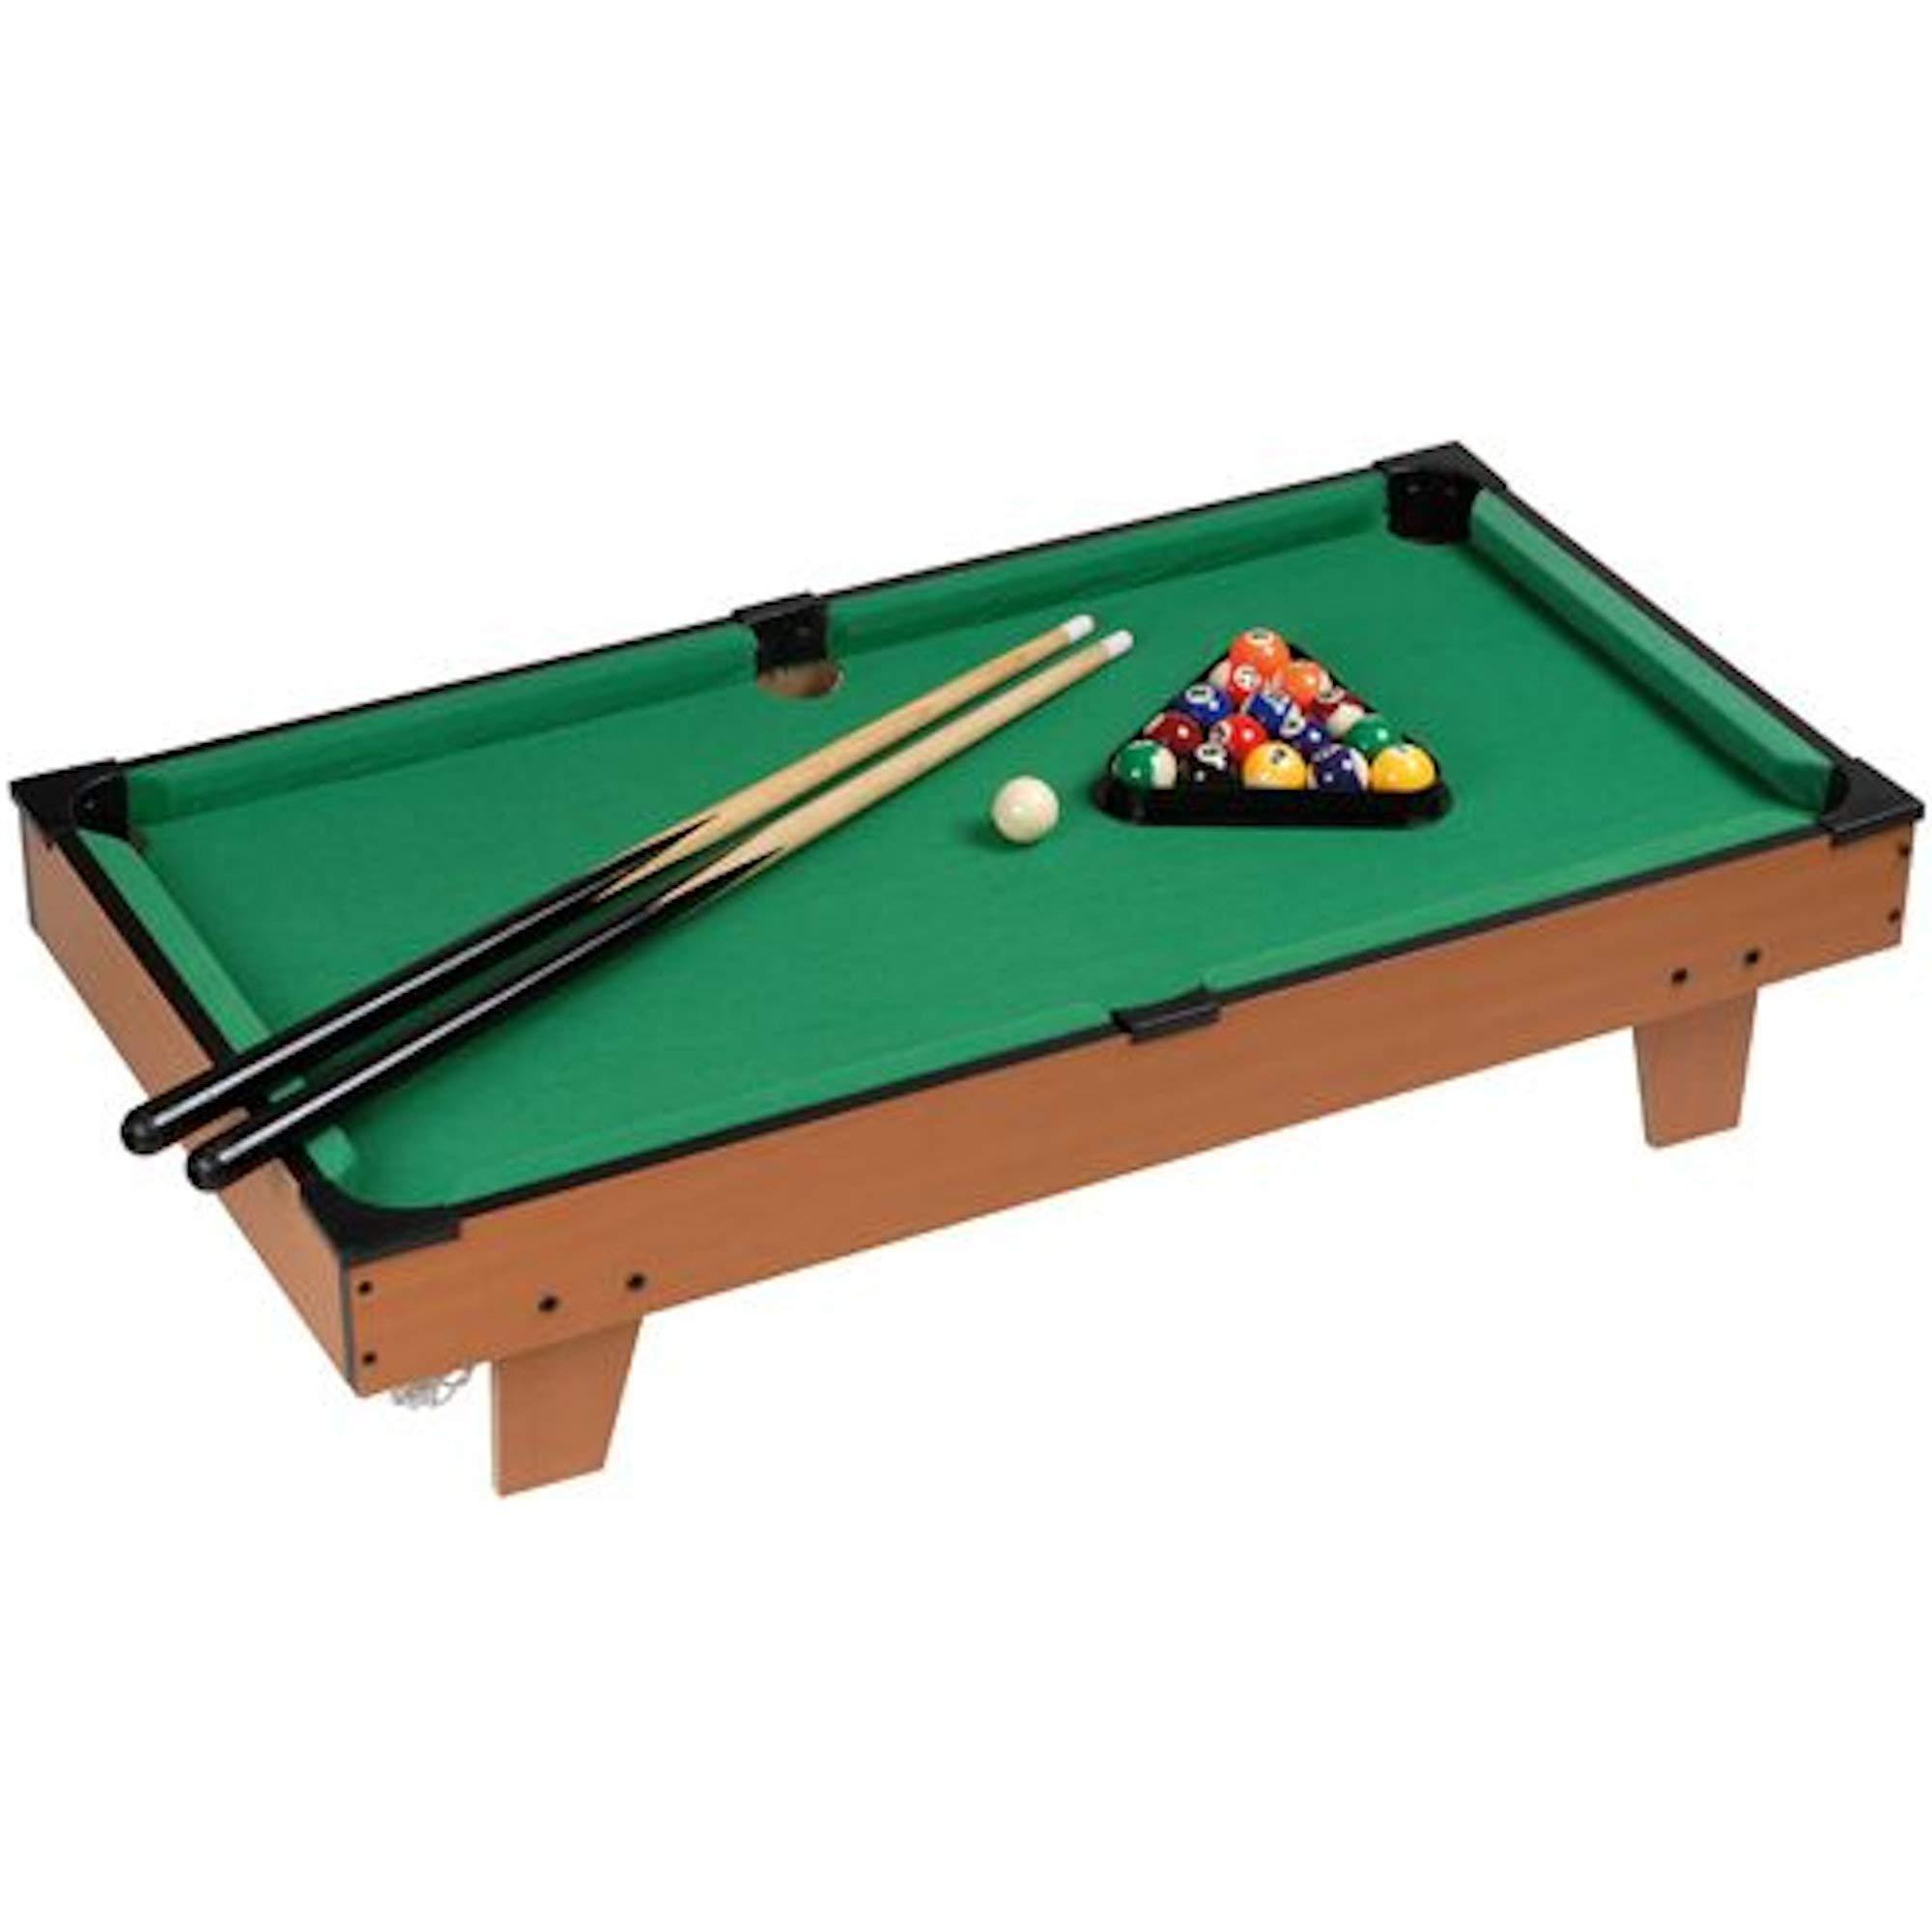 LE STUDIO】 Mini Table Billiards by LE STUDIO (Image #1)